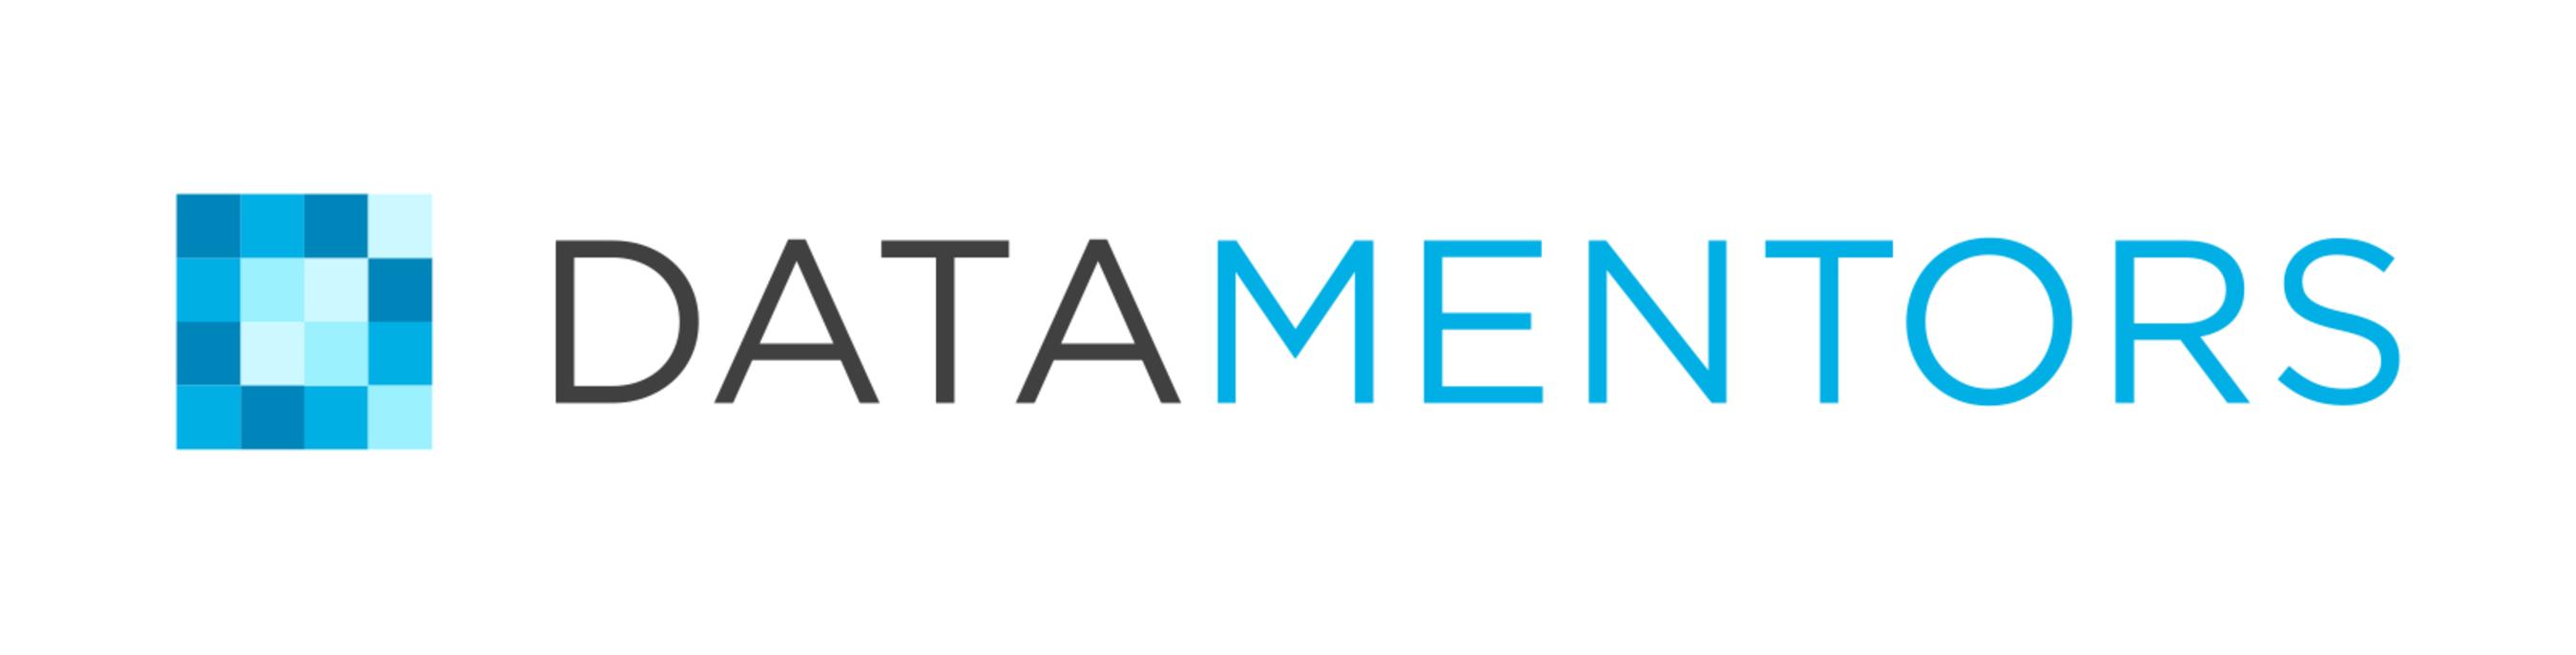 DataMentors, LLC (PRNewsFoto/DataMentors, LLC)